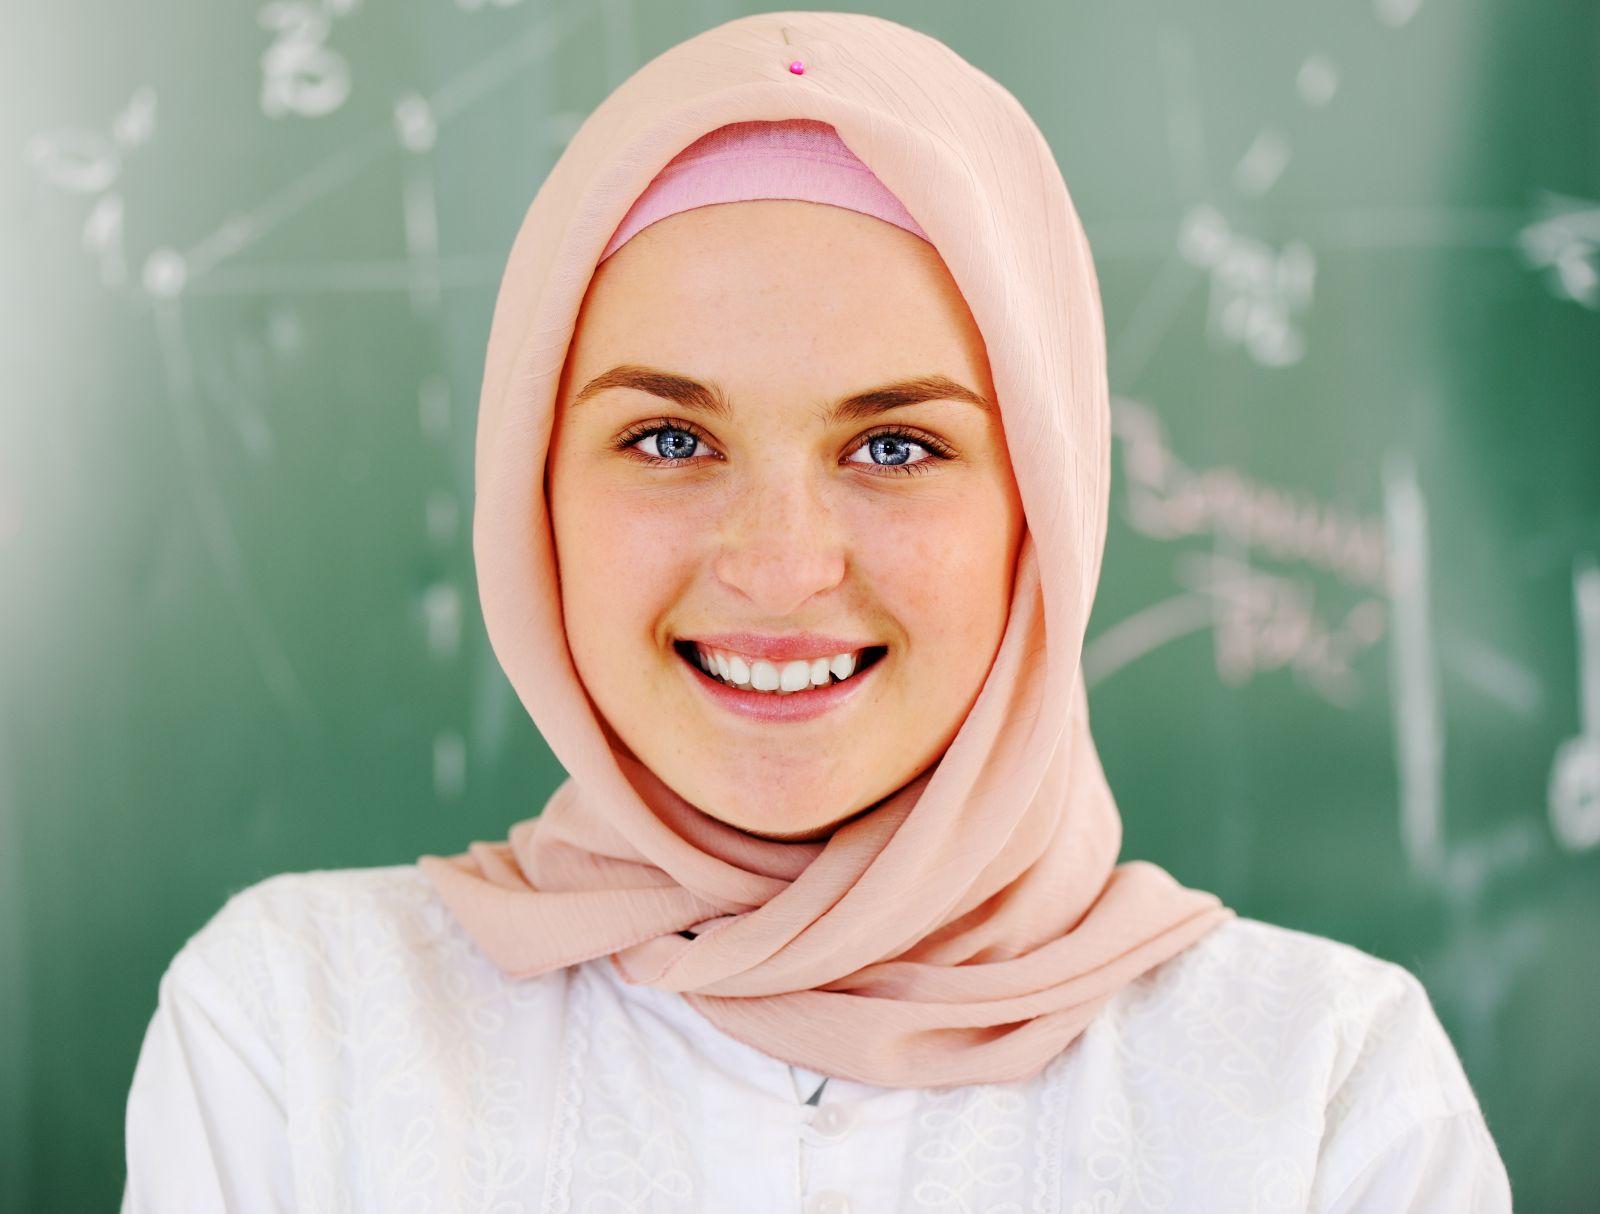 بالصور اجمل بنات محجبات بدون مكياج , صورة حلوة للحجاب 1829 4